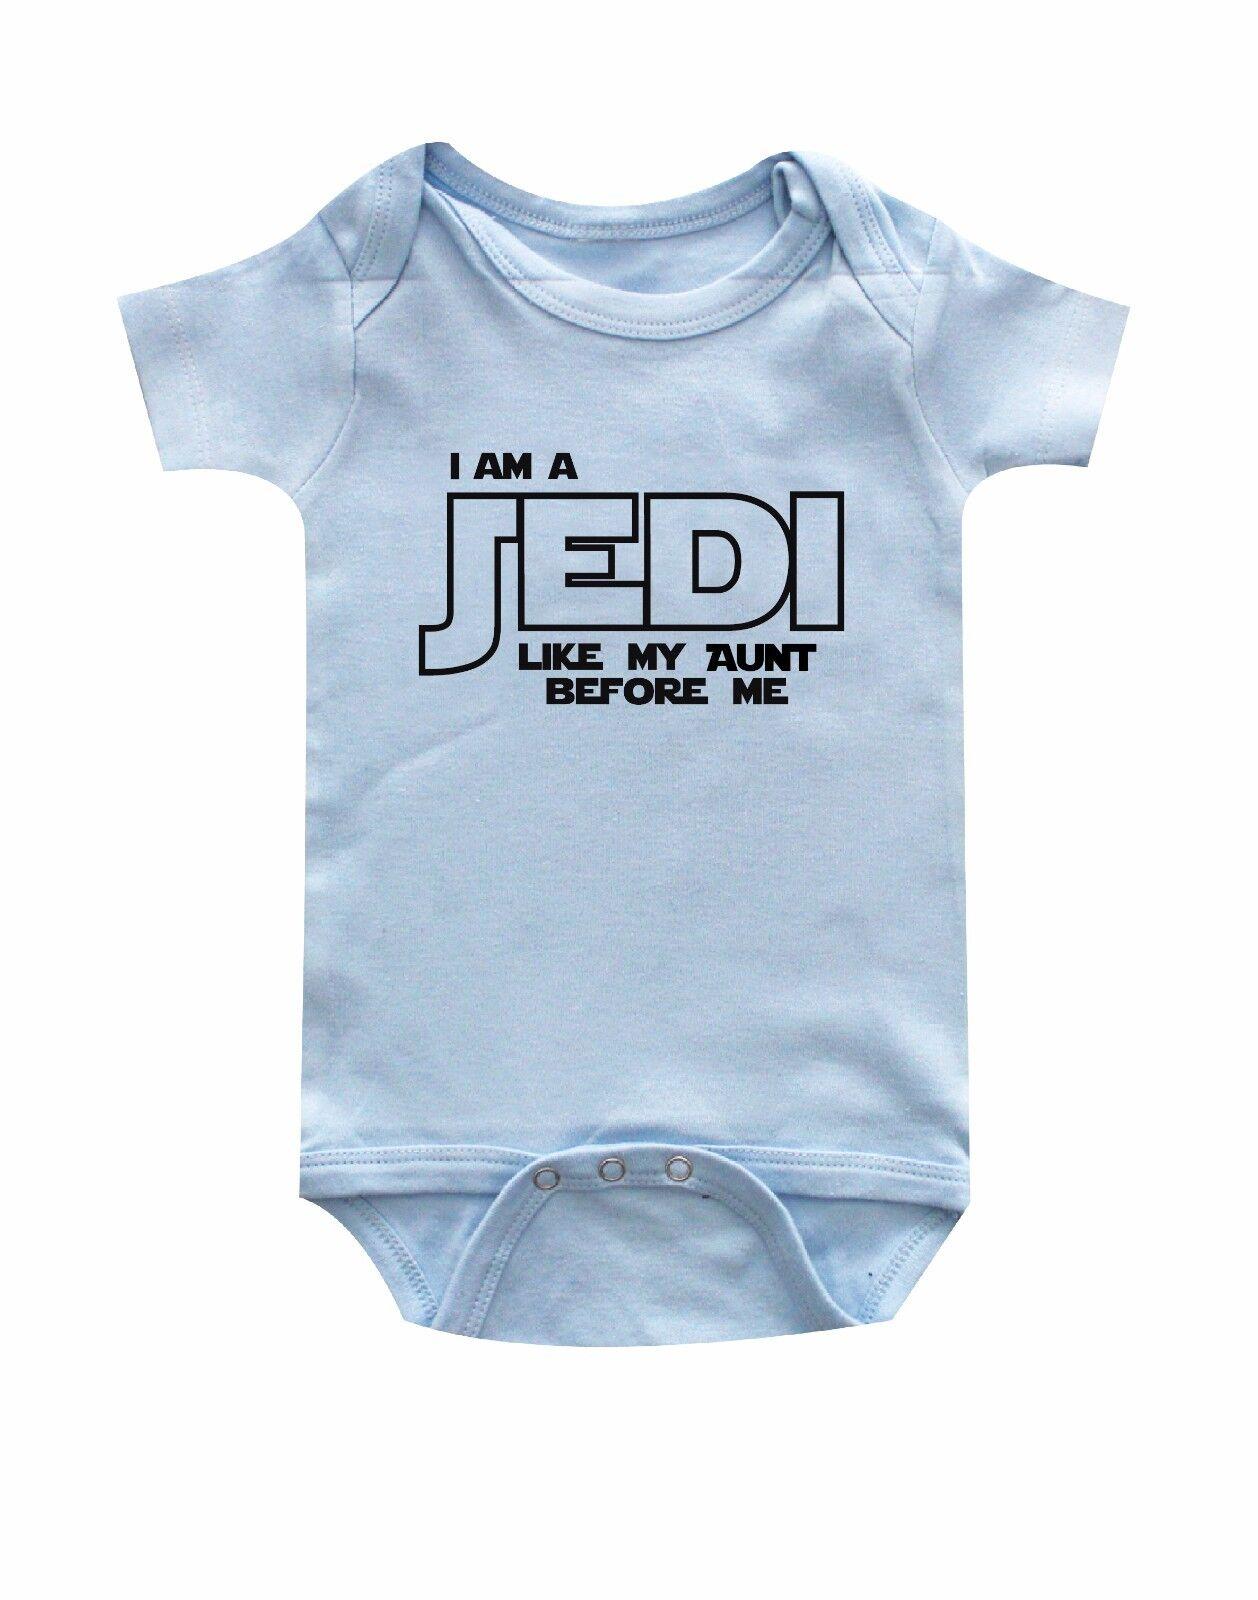 Star Wars I am Jedi like my Aunt baby one piece Jedi like my aunt